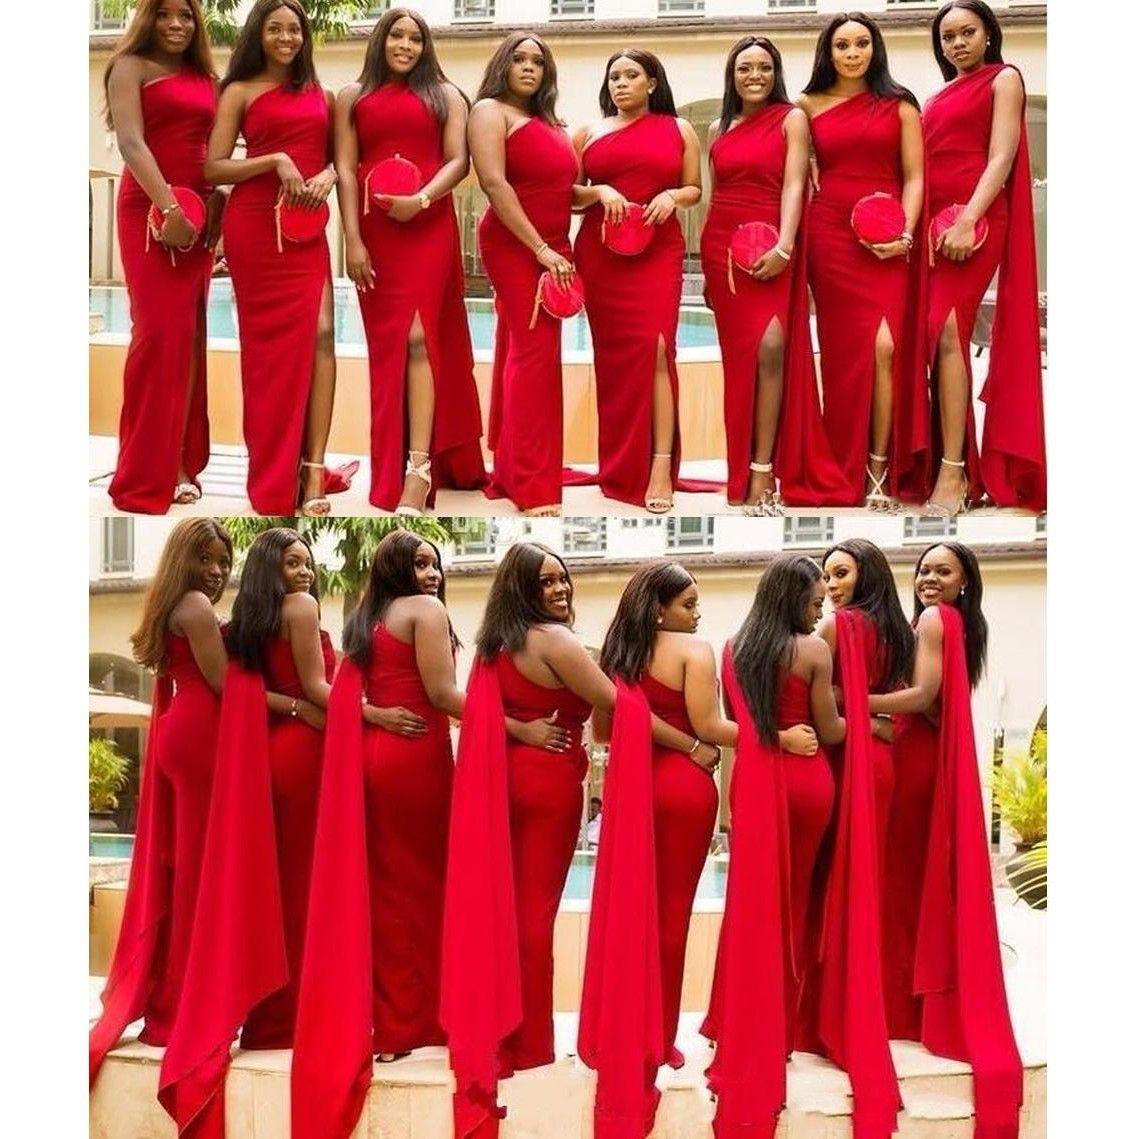 2019 Árabe Barato Sereia Vermelha Vestidos de Dama De Honra De Um Lado Do Ombro Dividir Plus Size Longo Convidado Do Casamento Vestido de Vestidos de Empregada de Honra Africano